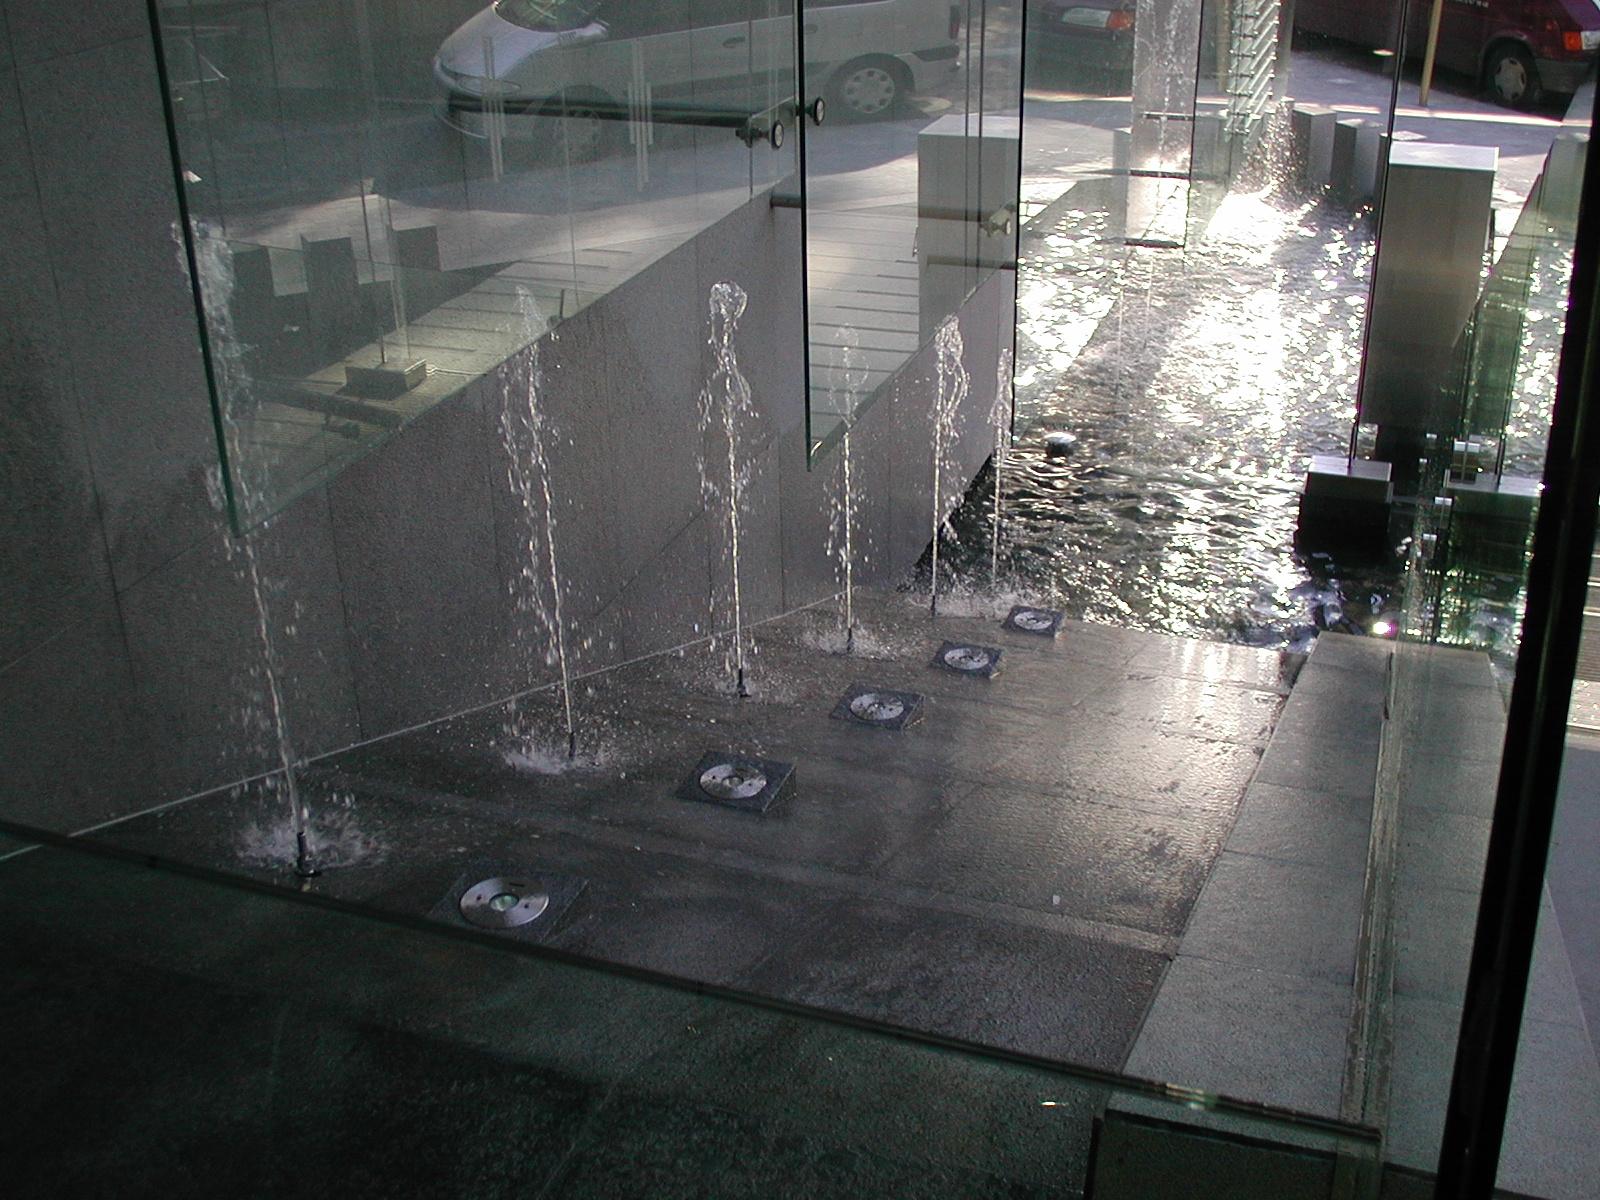 aquatic design concept et garden jardins aquatiques bassins fontaines tang mat riel. Black Bedroom Furniture Sets. Home Design Ideas